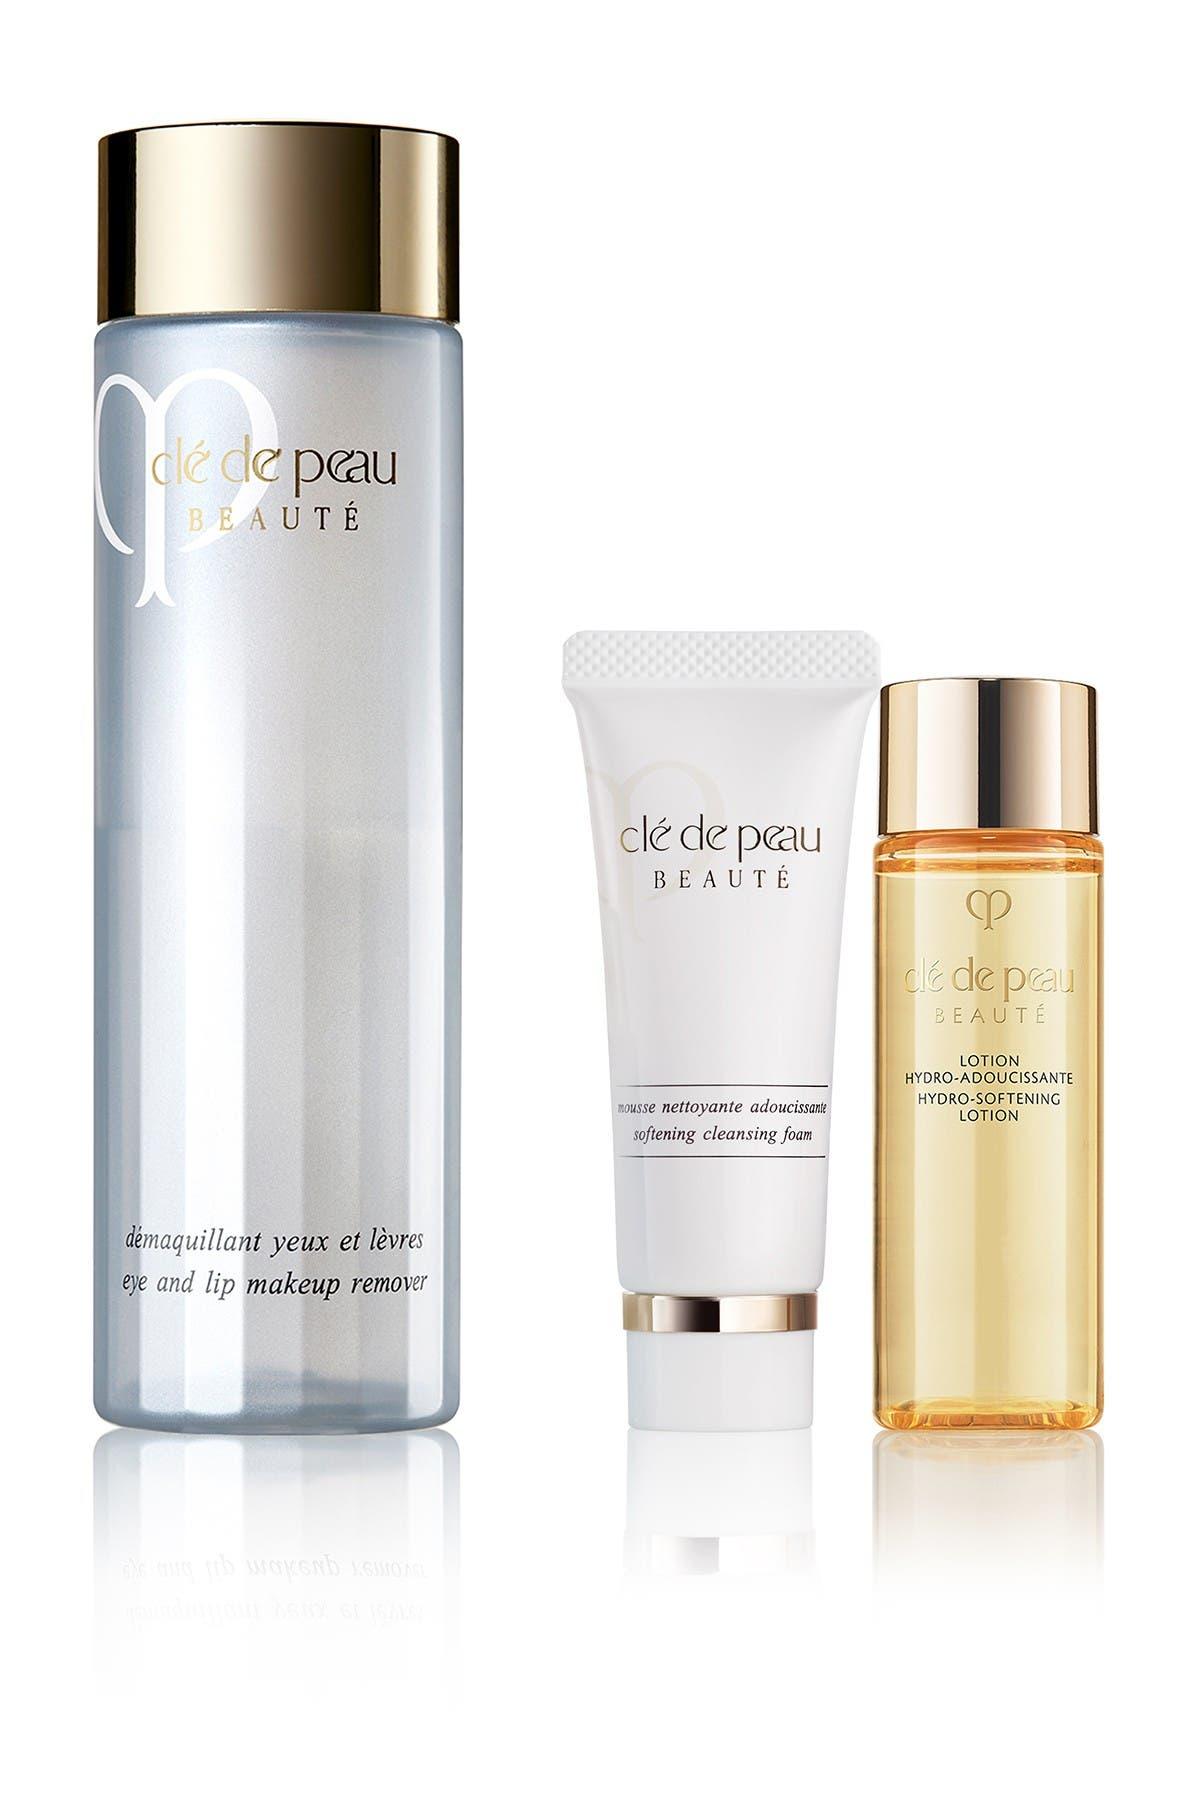 Image of CLE DE PEAU Beauté Eye and Lip Makeup Remover Set